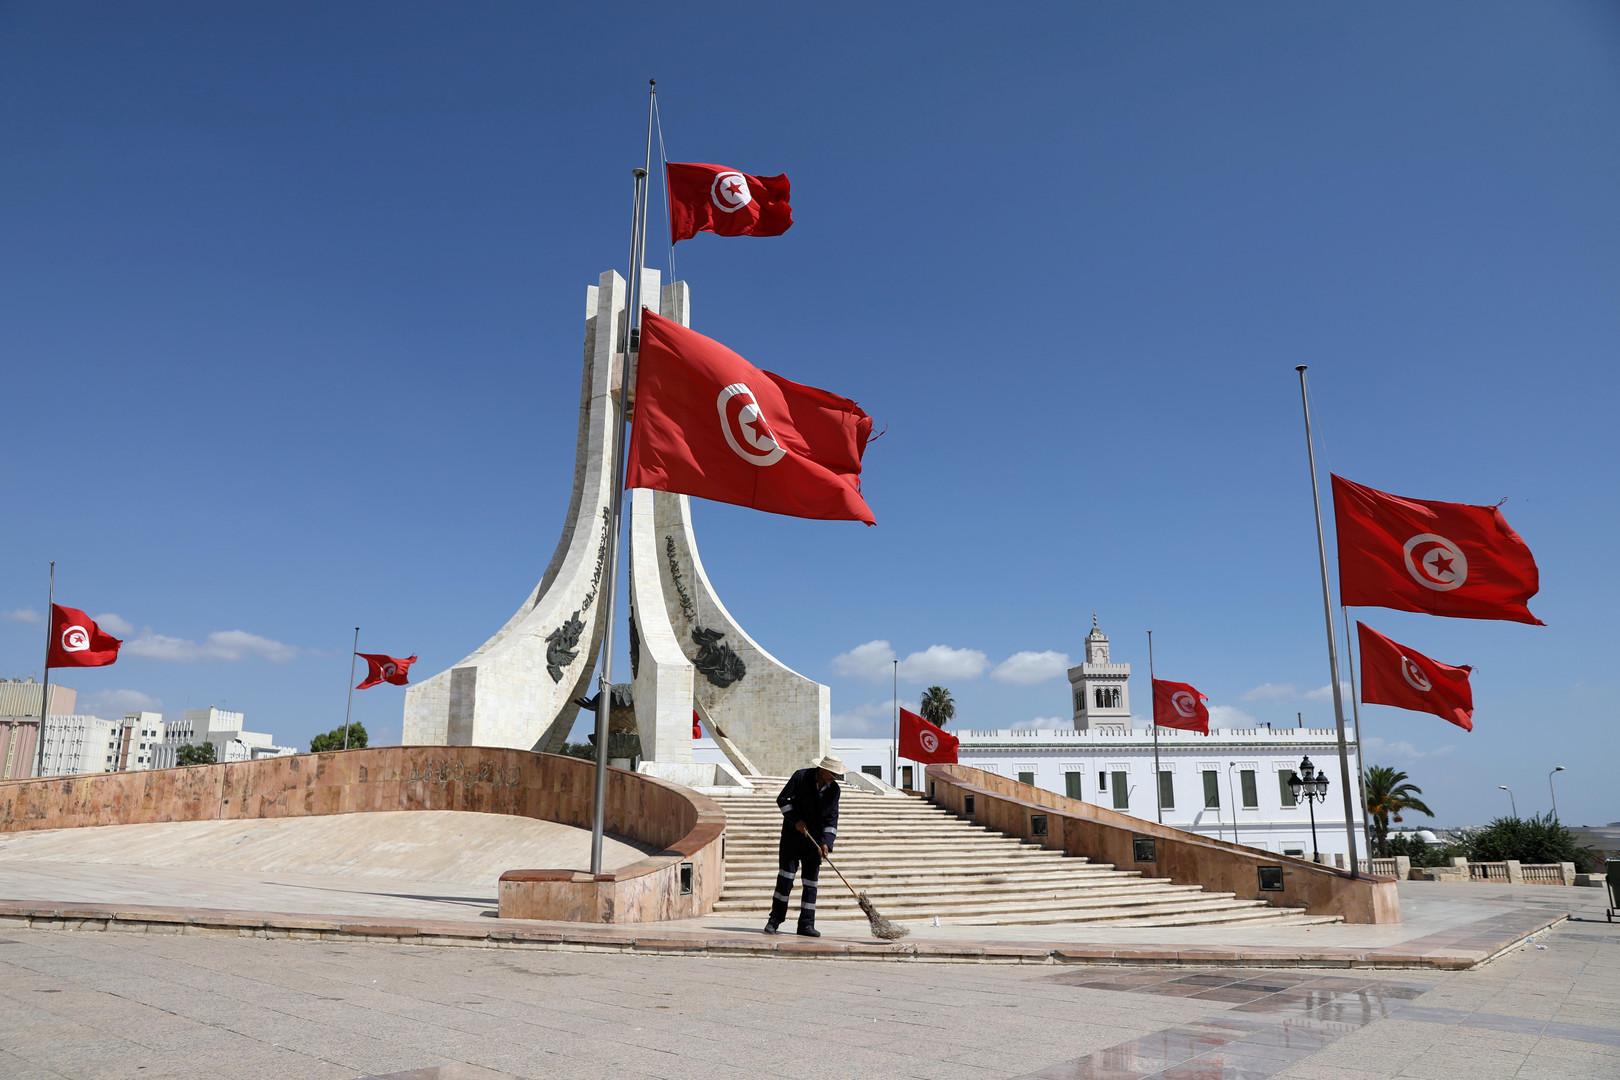 جلسة استثنائية للبرلمان التونسي لمناقشة القانون الانتخابي